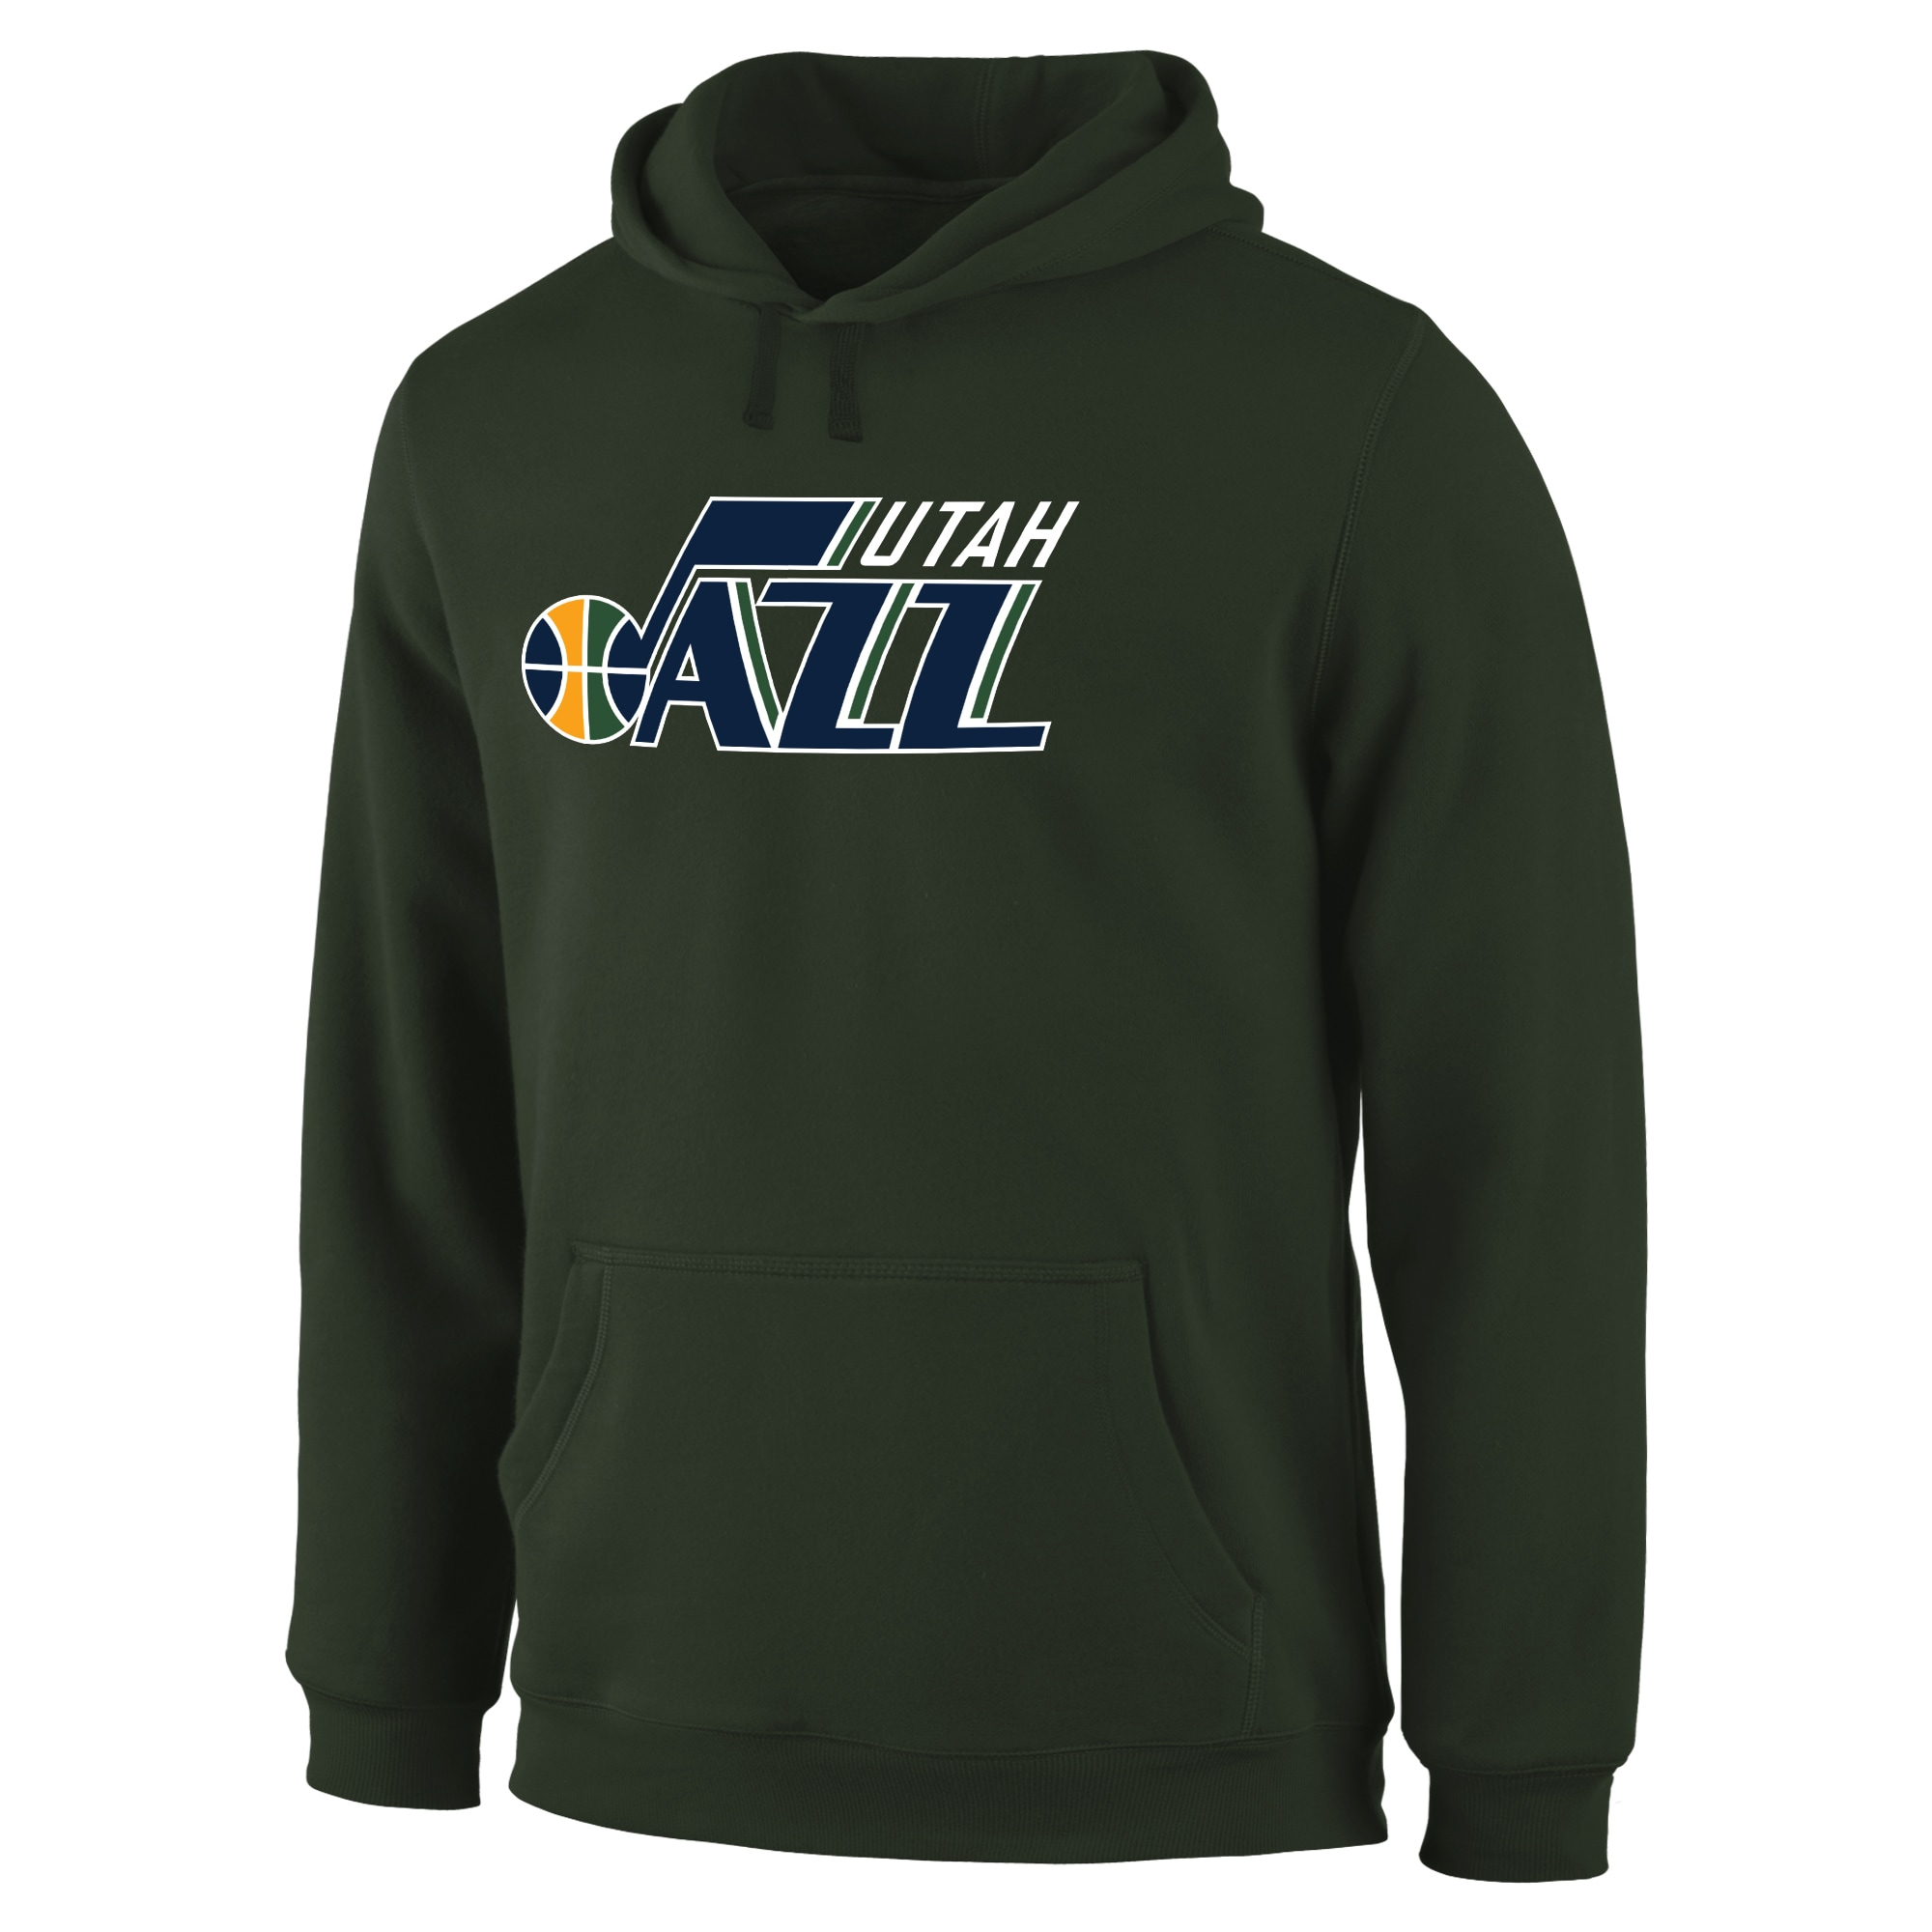 Utah Jazz Primary Logo Pullover Hoodie - Green